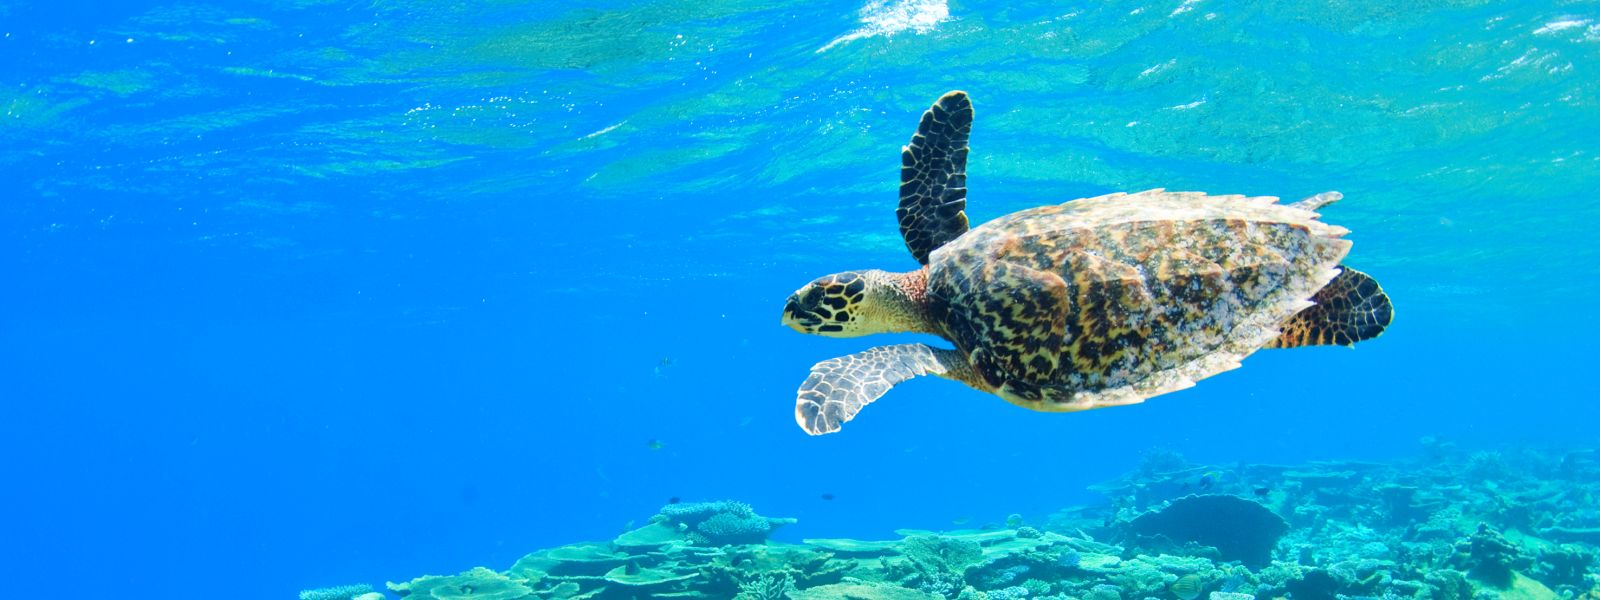 SChildkröte Malediven Nachhaltig